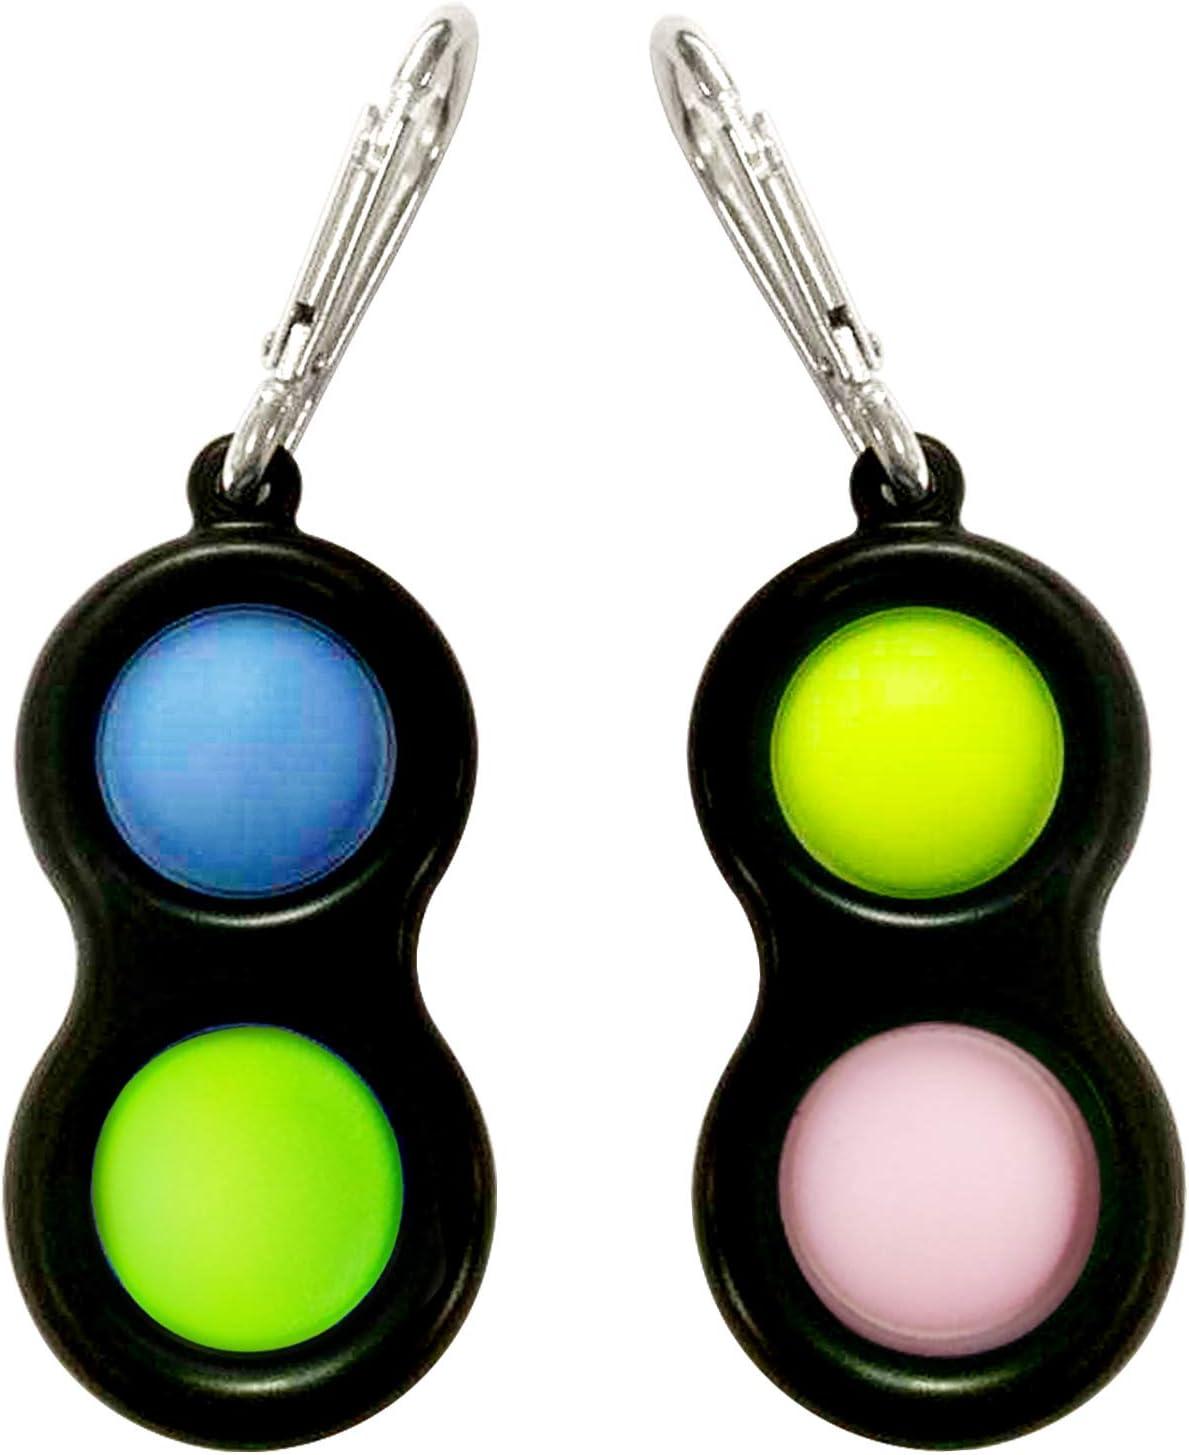 Simple Dimple Sensory Fidget Toy, 2 PCS Mini Fidget Toys for Str